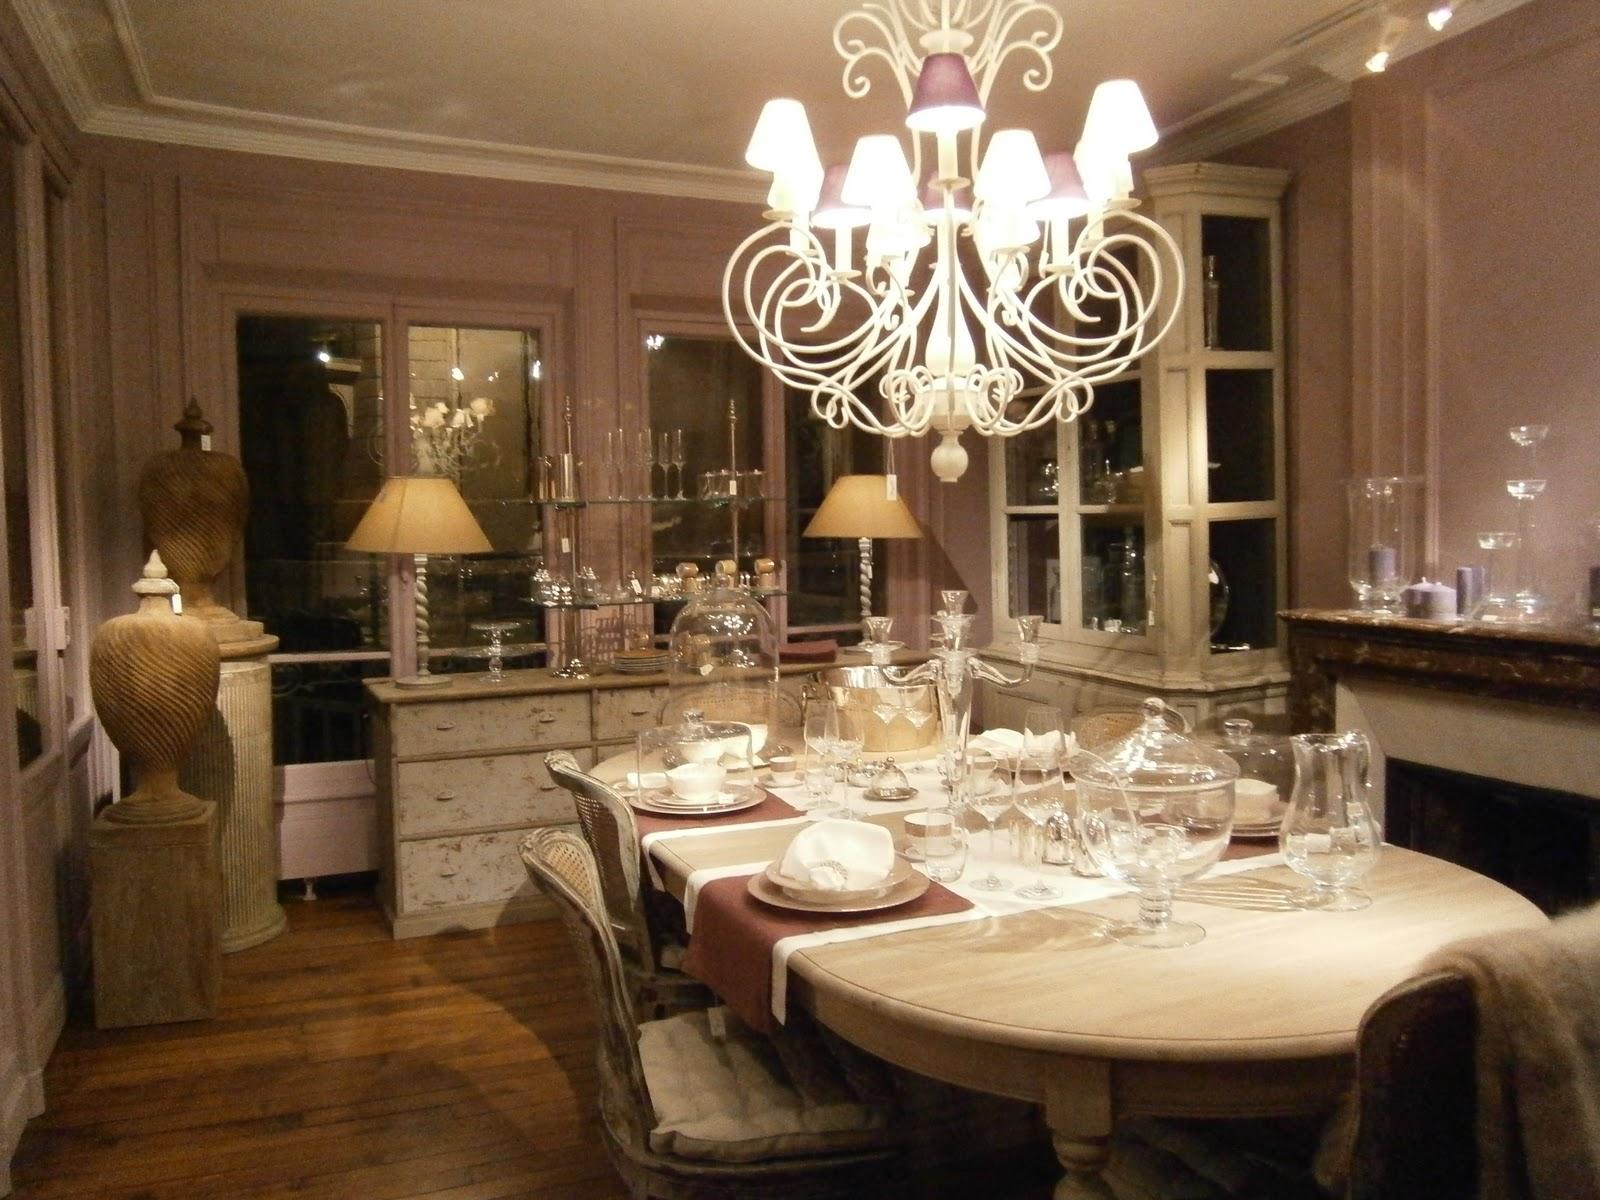 les grigris de sophie dp home by flamant vient d 39 ouvrir. Black Bedroom Furniture Sets. Home Design Ideas